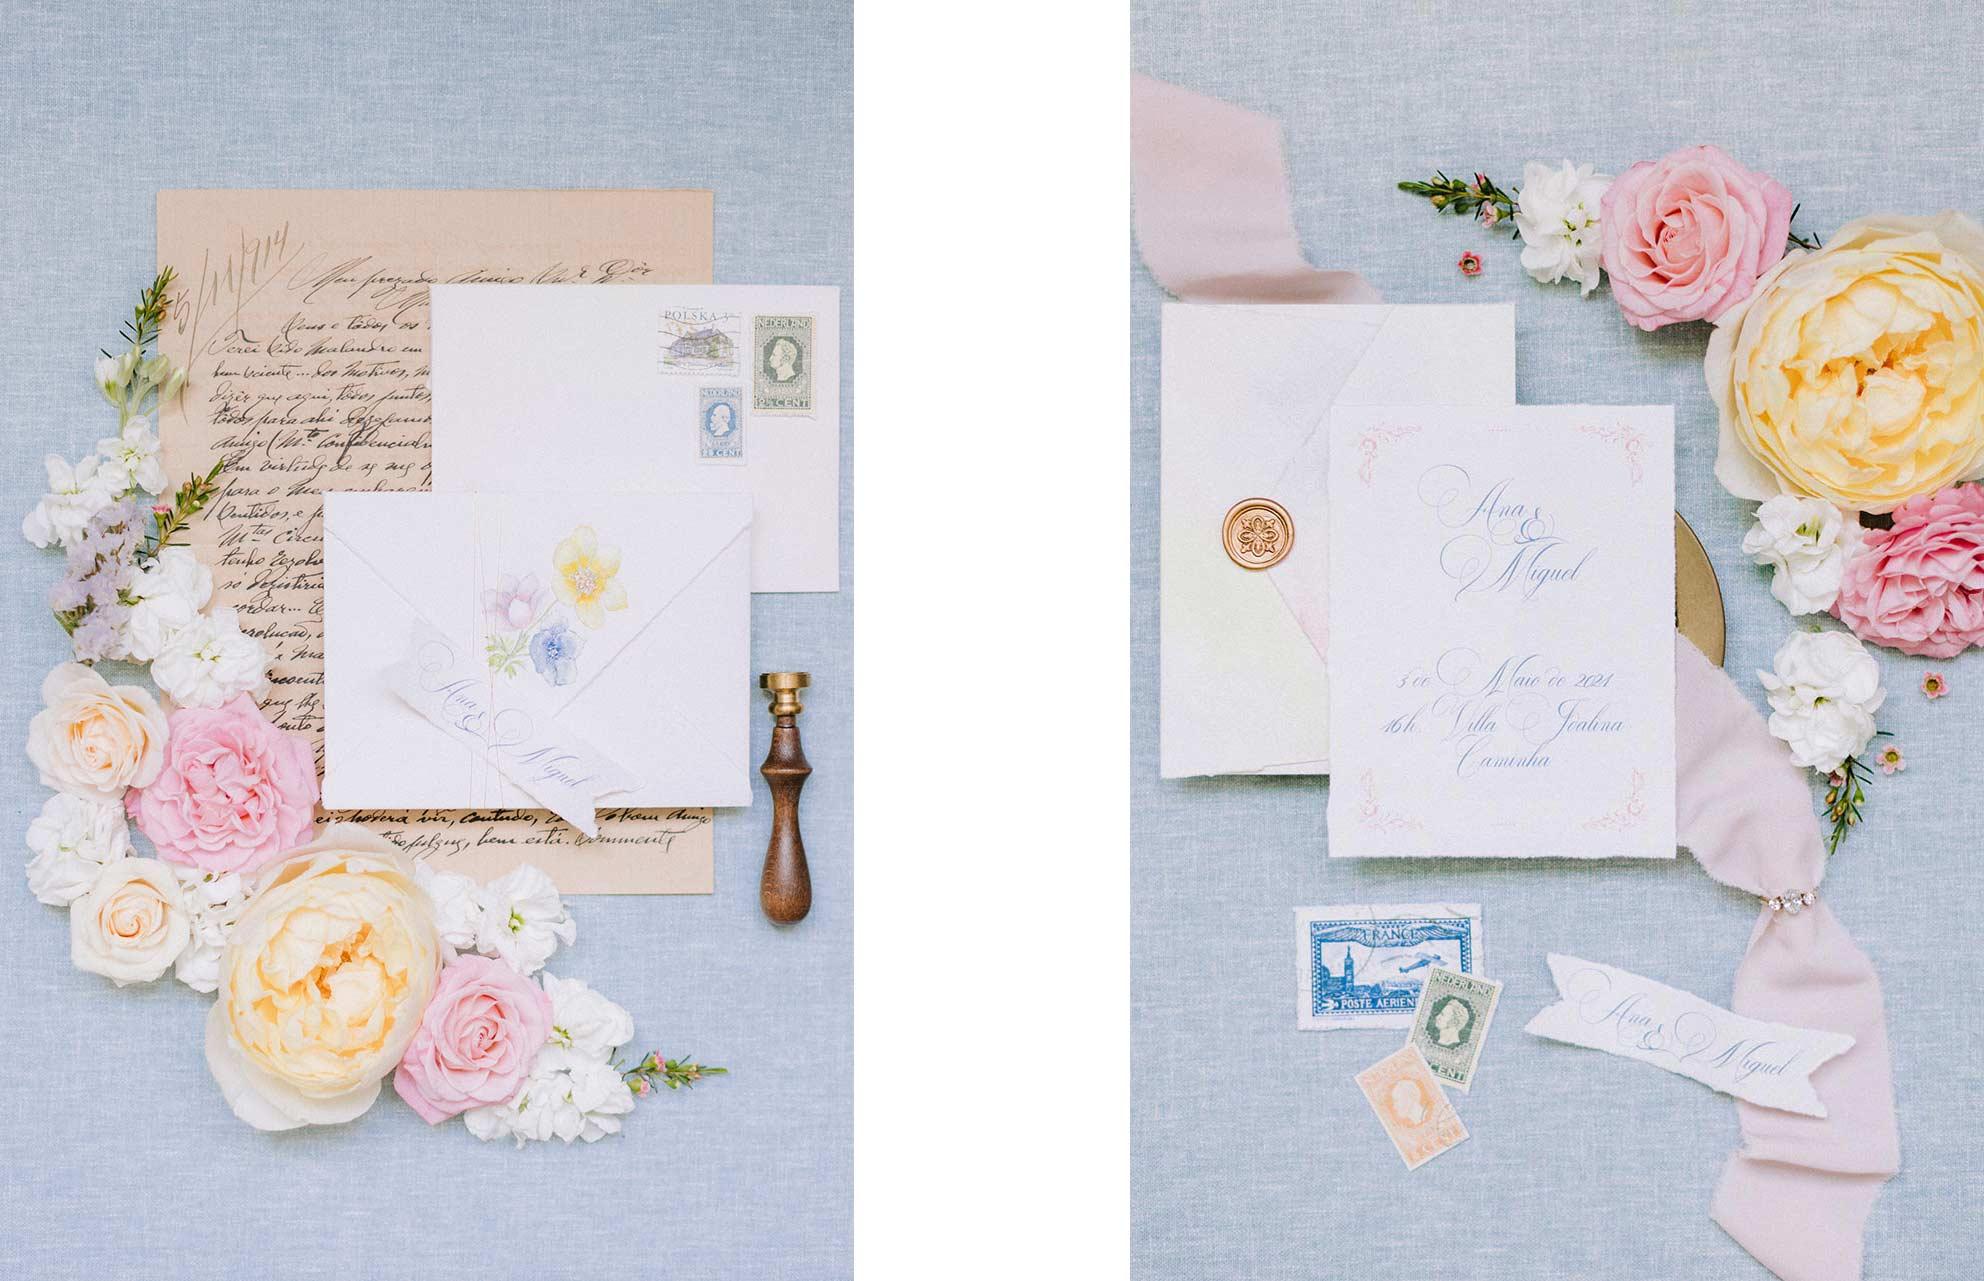 convite-de-casamento-em-papel-manual-aguarela-lacre-por-A-Pajarita